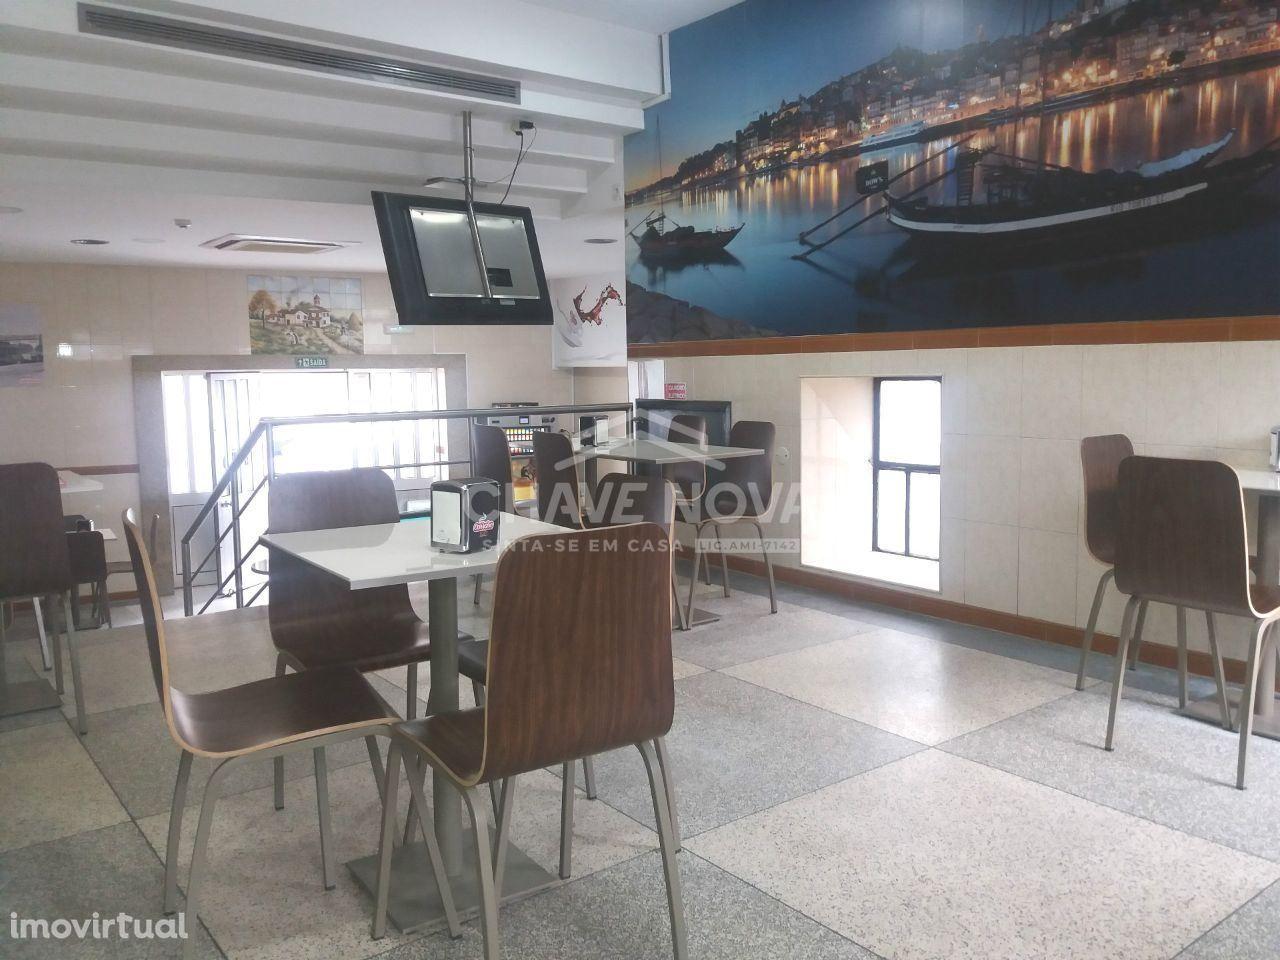 Café Trespasse - São Mamede do Coronado (Trinaterra)